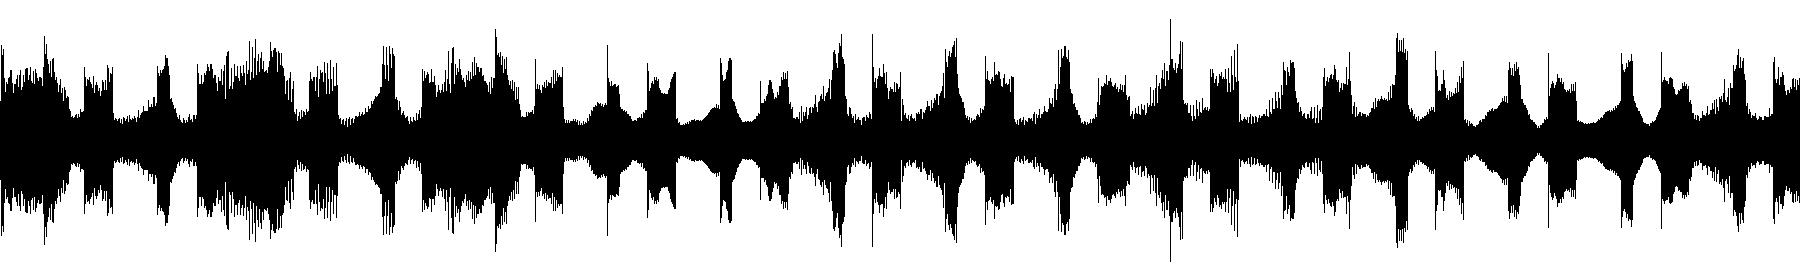 vedh melodyloop 025 gm dmaj7 a am 126bpm